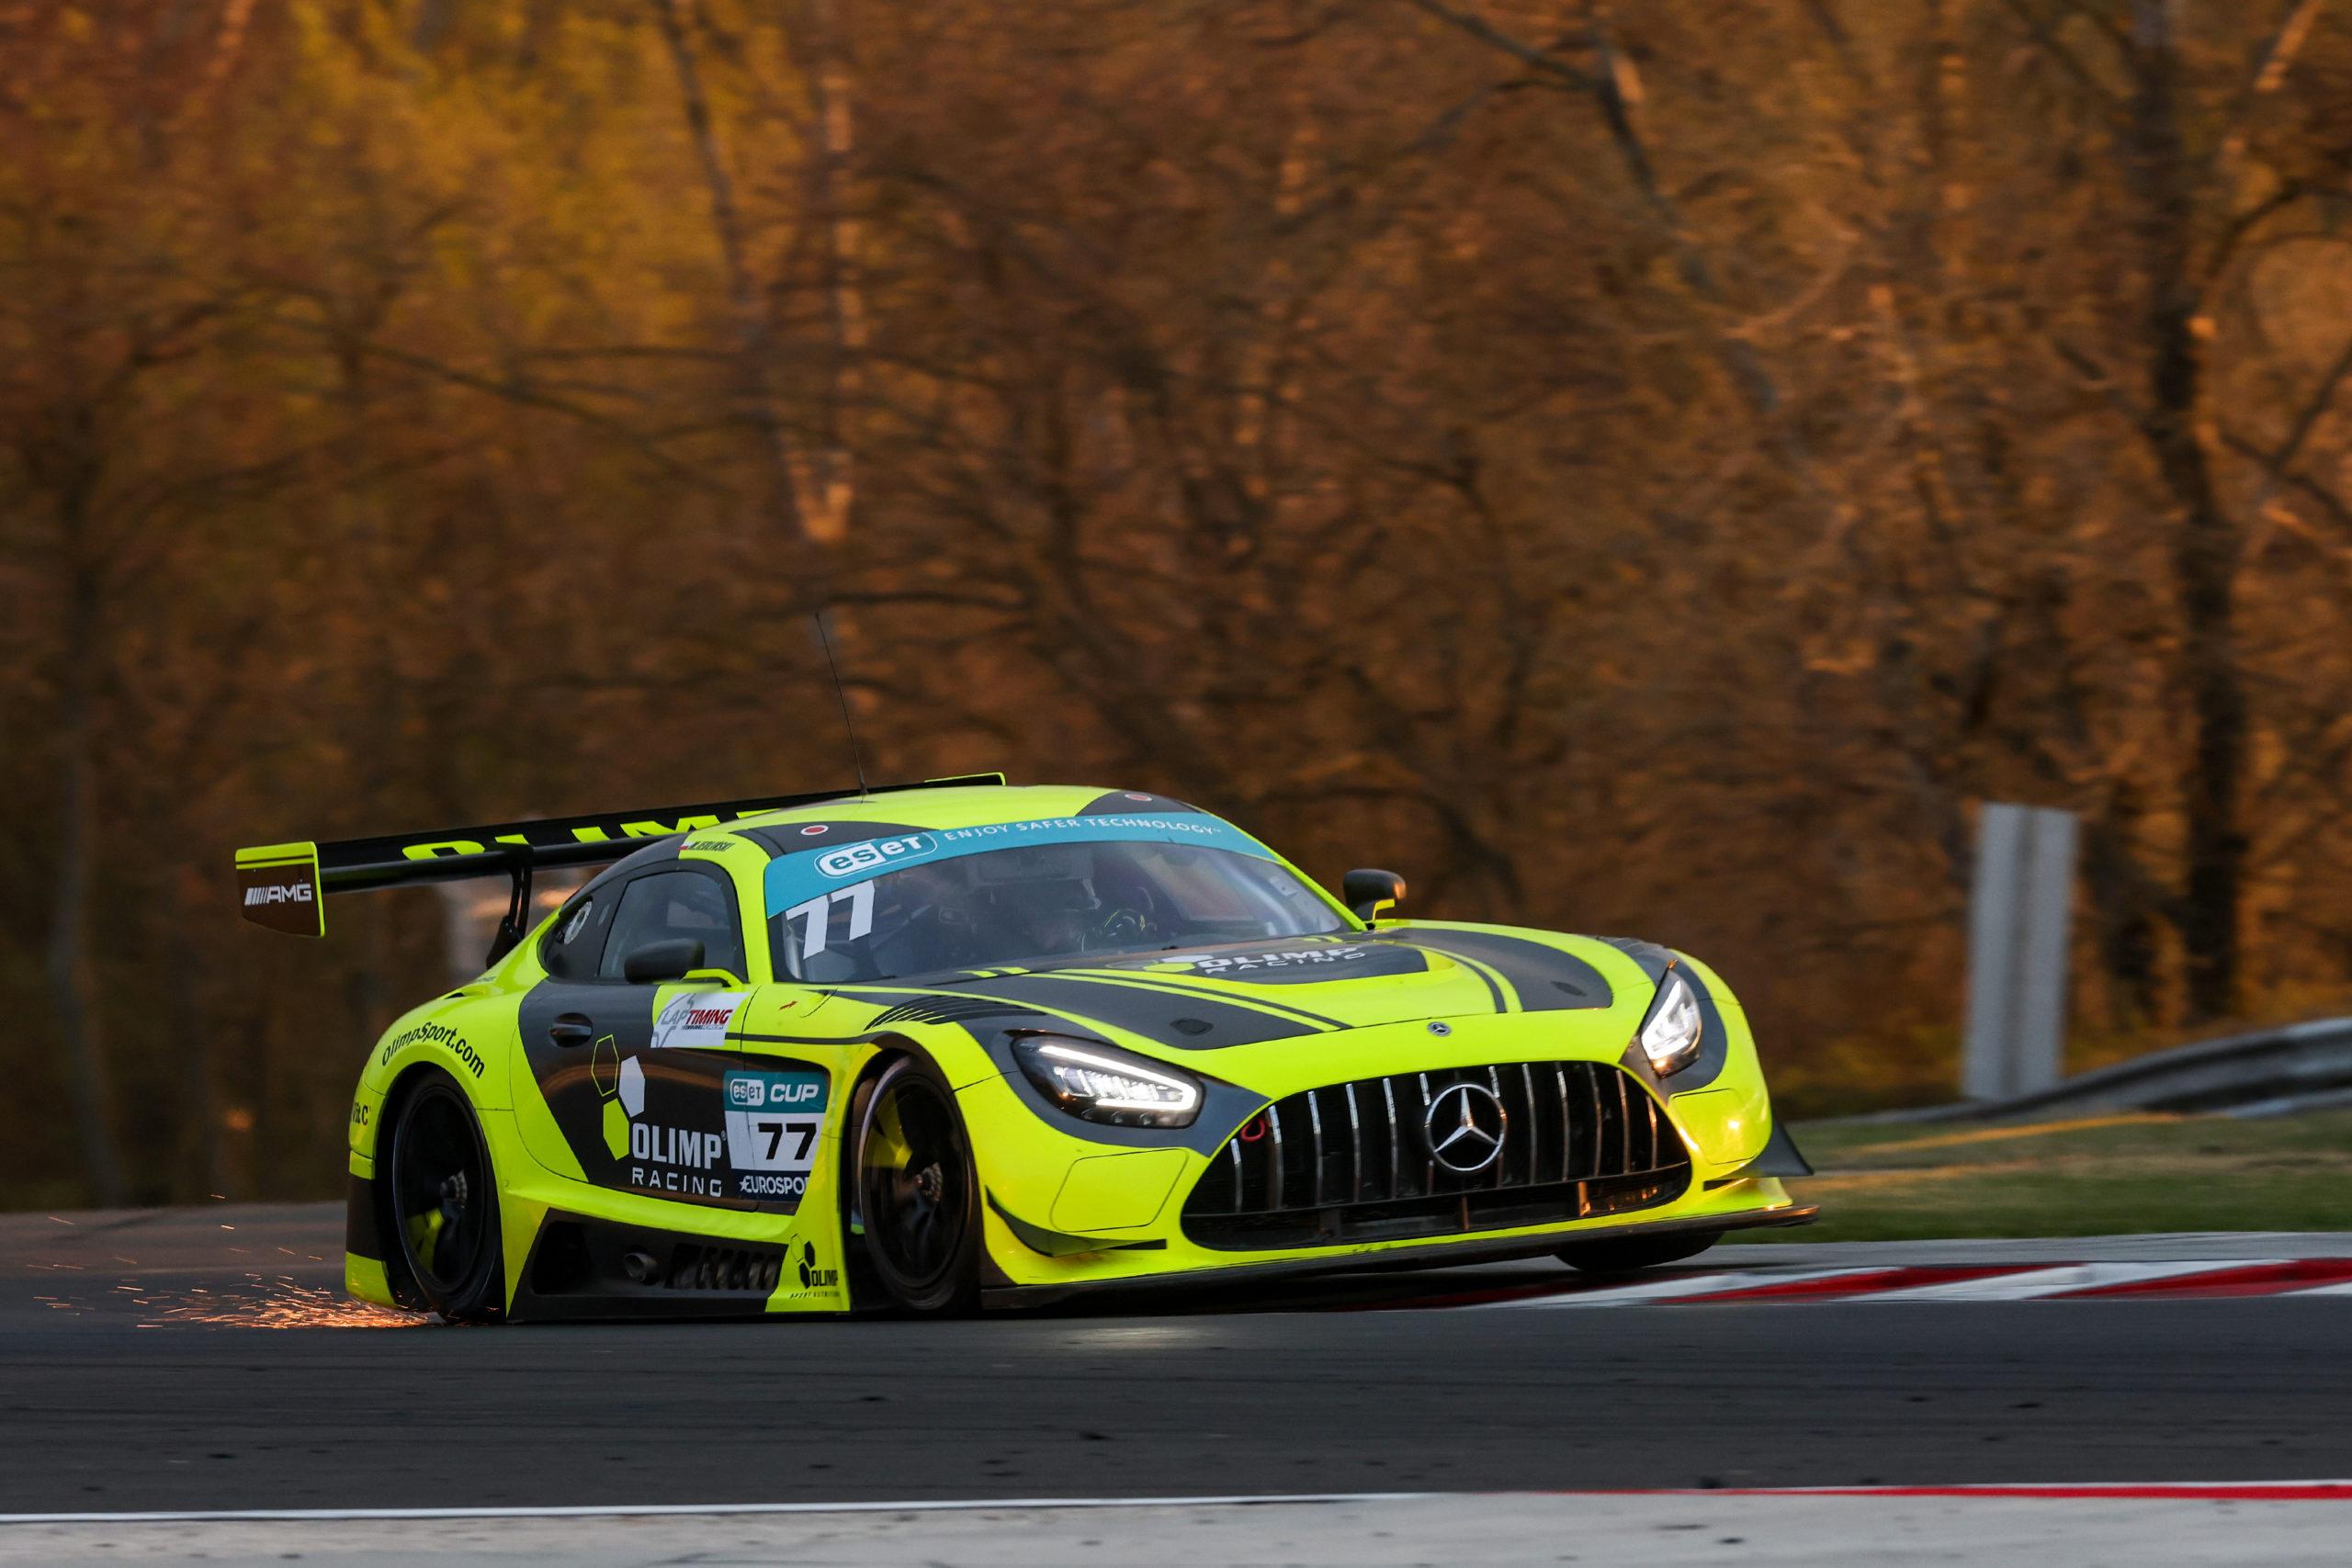 Jedlinski si připsal druhé letošní vítězství v GT sprintu